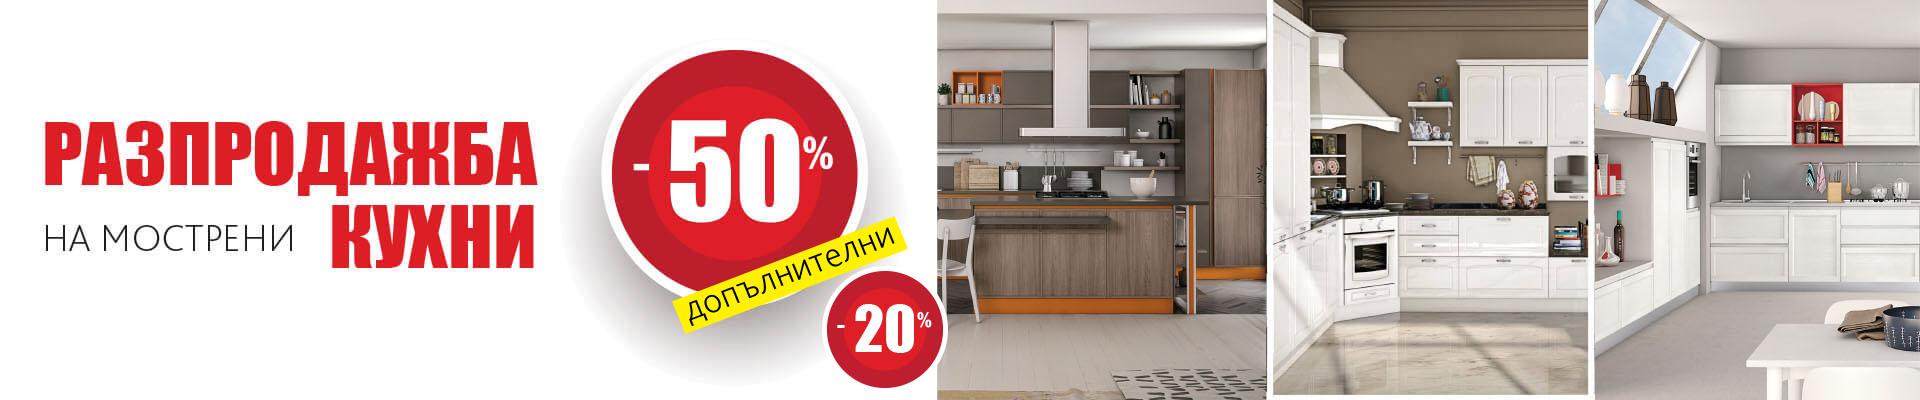 Кухни - 50%+ -20%